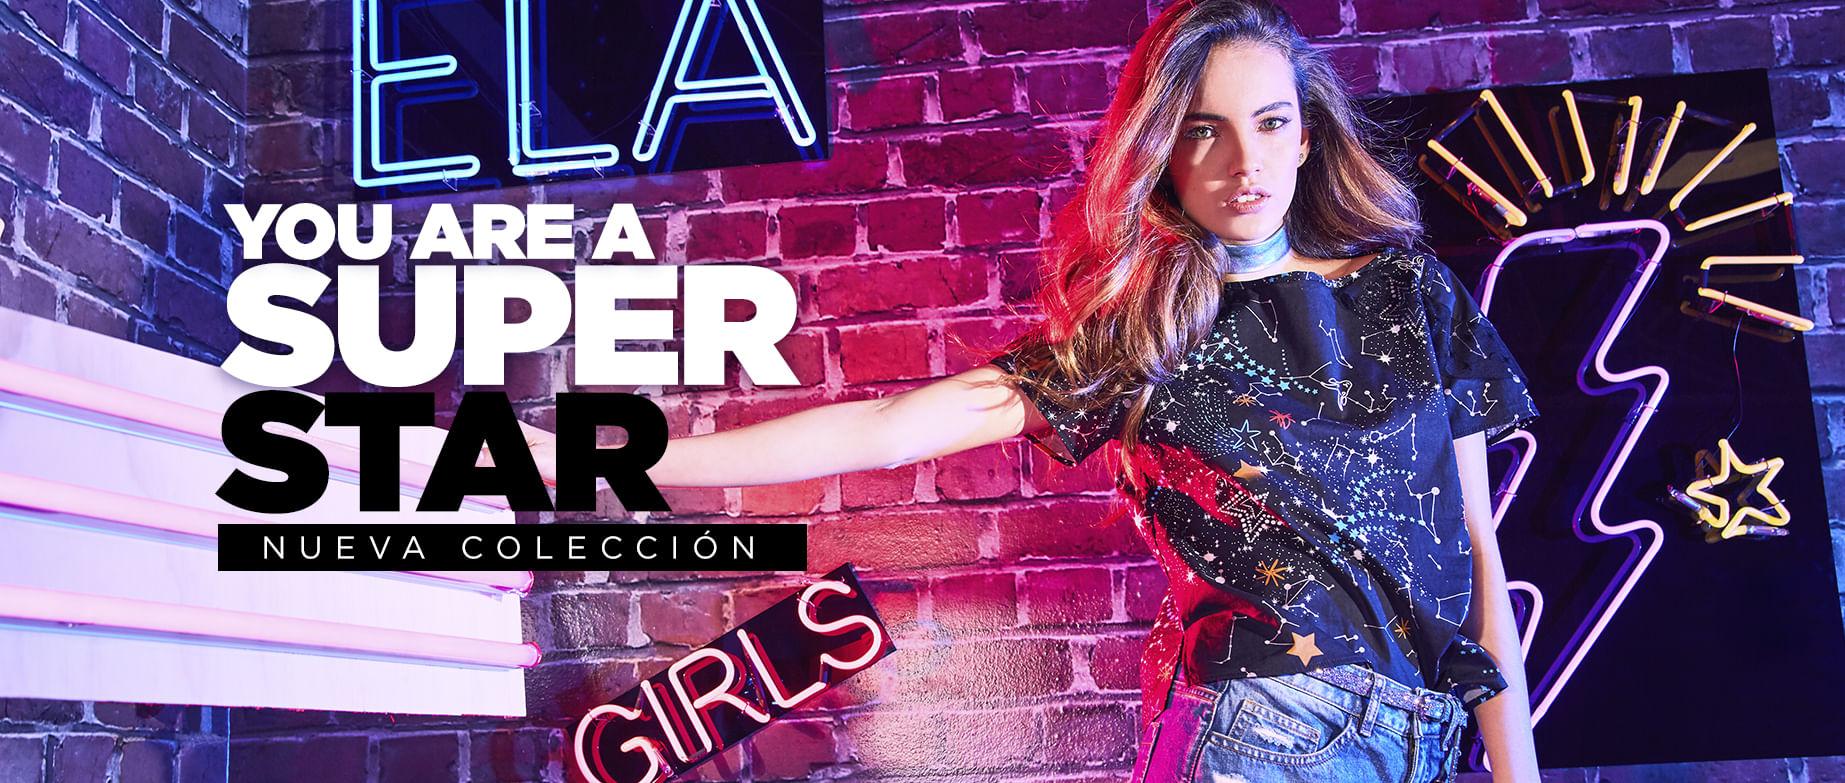 44fb6a97 Ropa, Jeans y Accesorios de Moda para Mujer | ELA